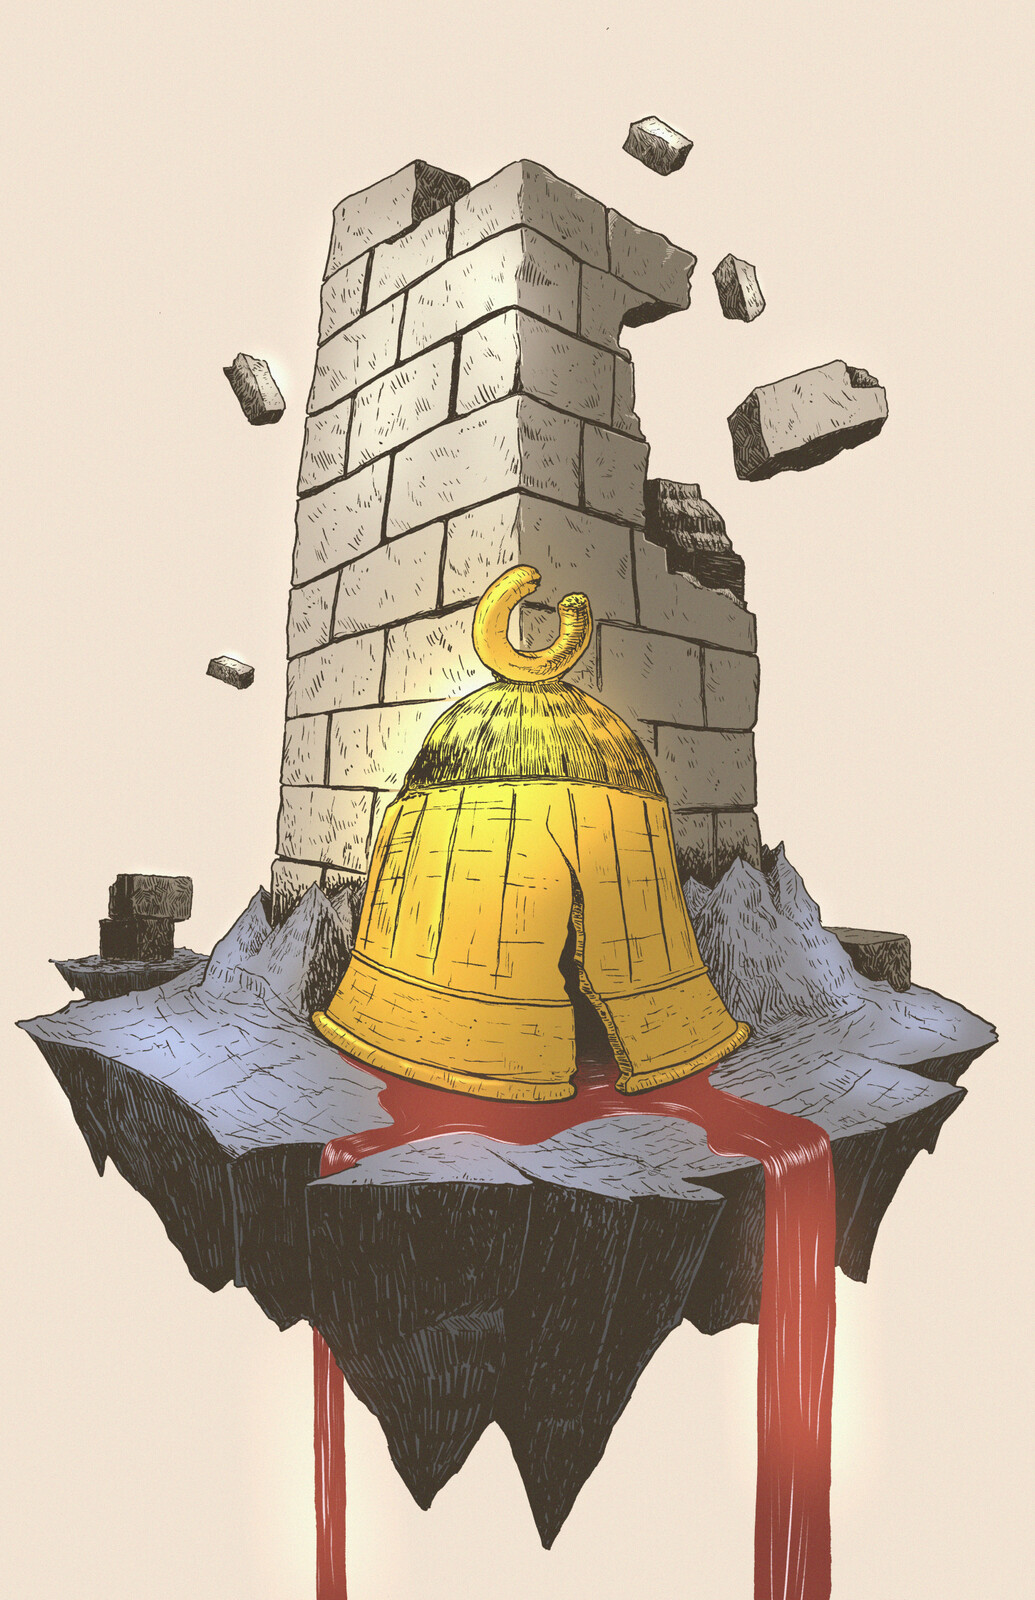 The Bell-Tower. Illustration based on Herman Melville's short story.